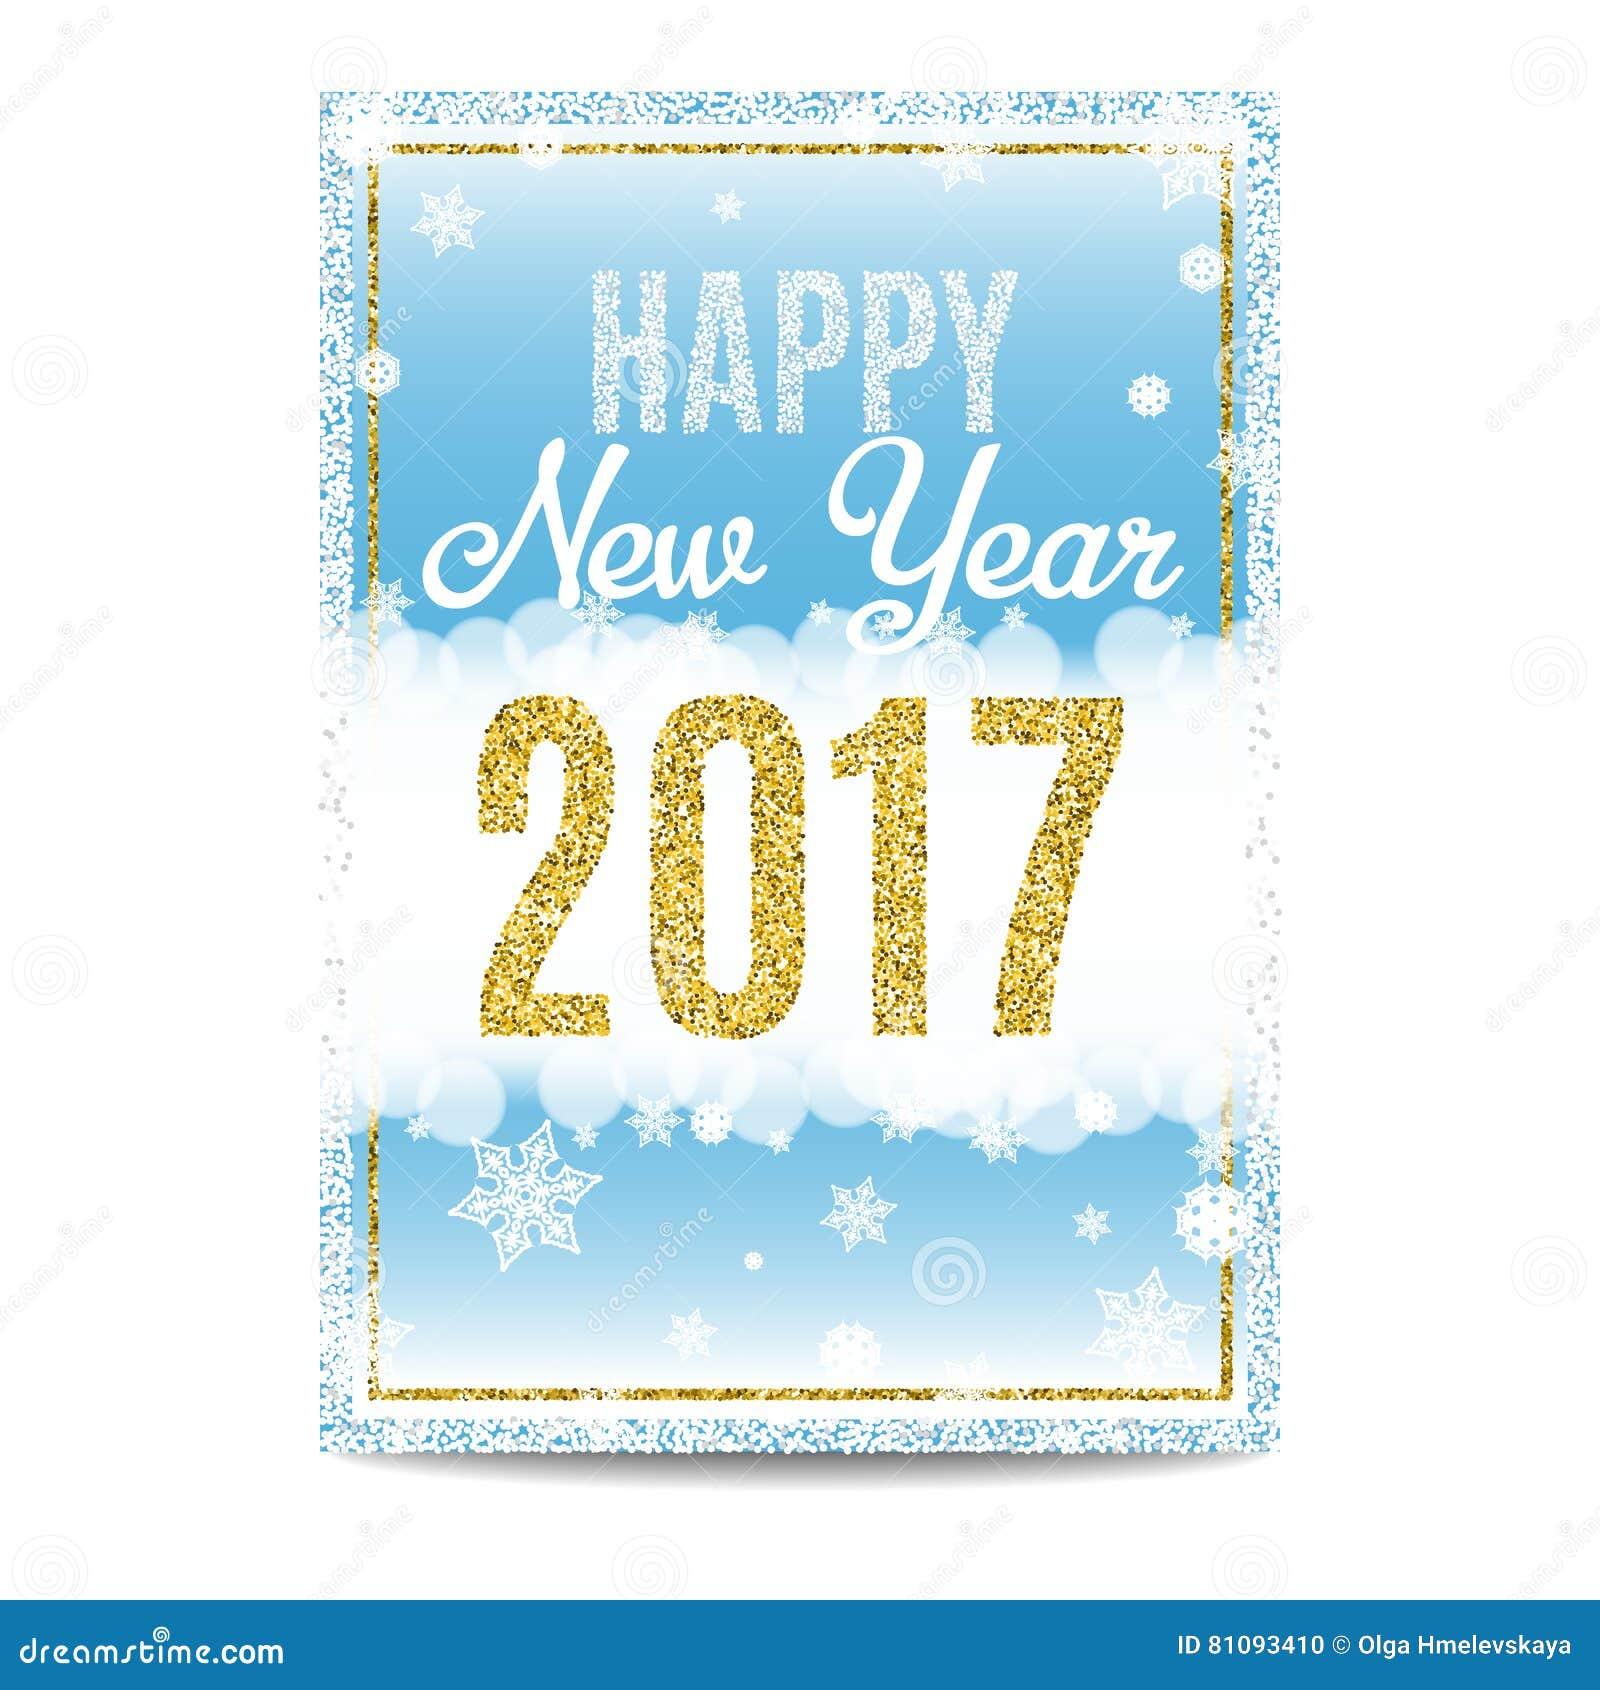 Текст для поздравительной открытки для нового года